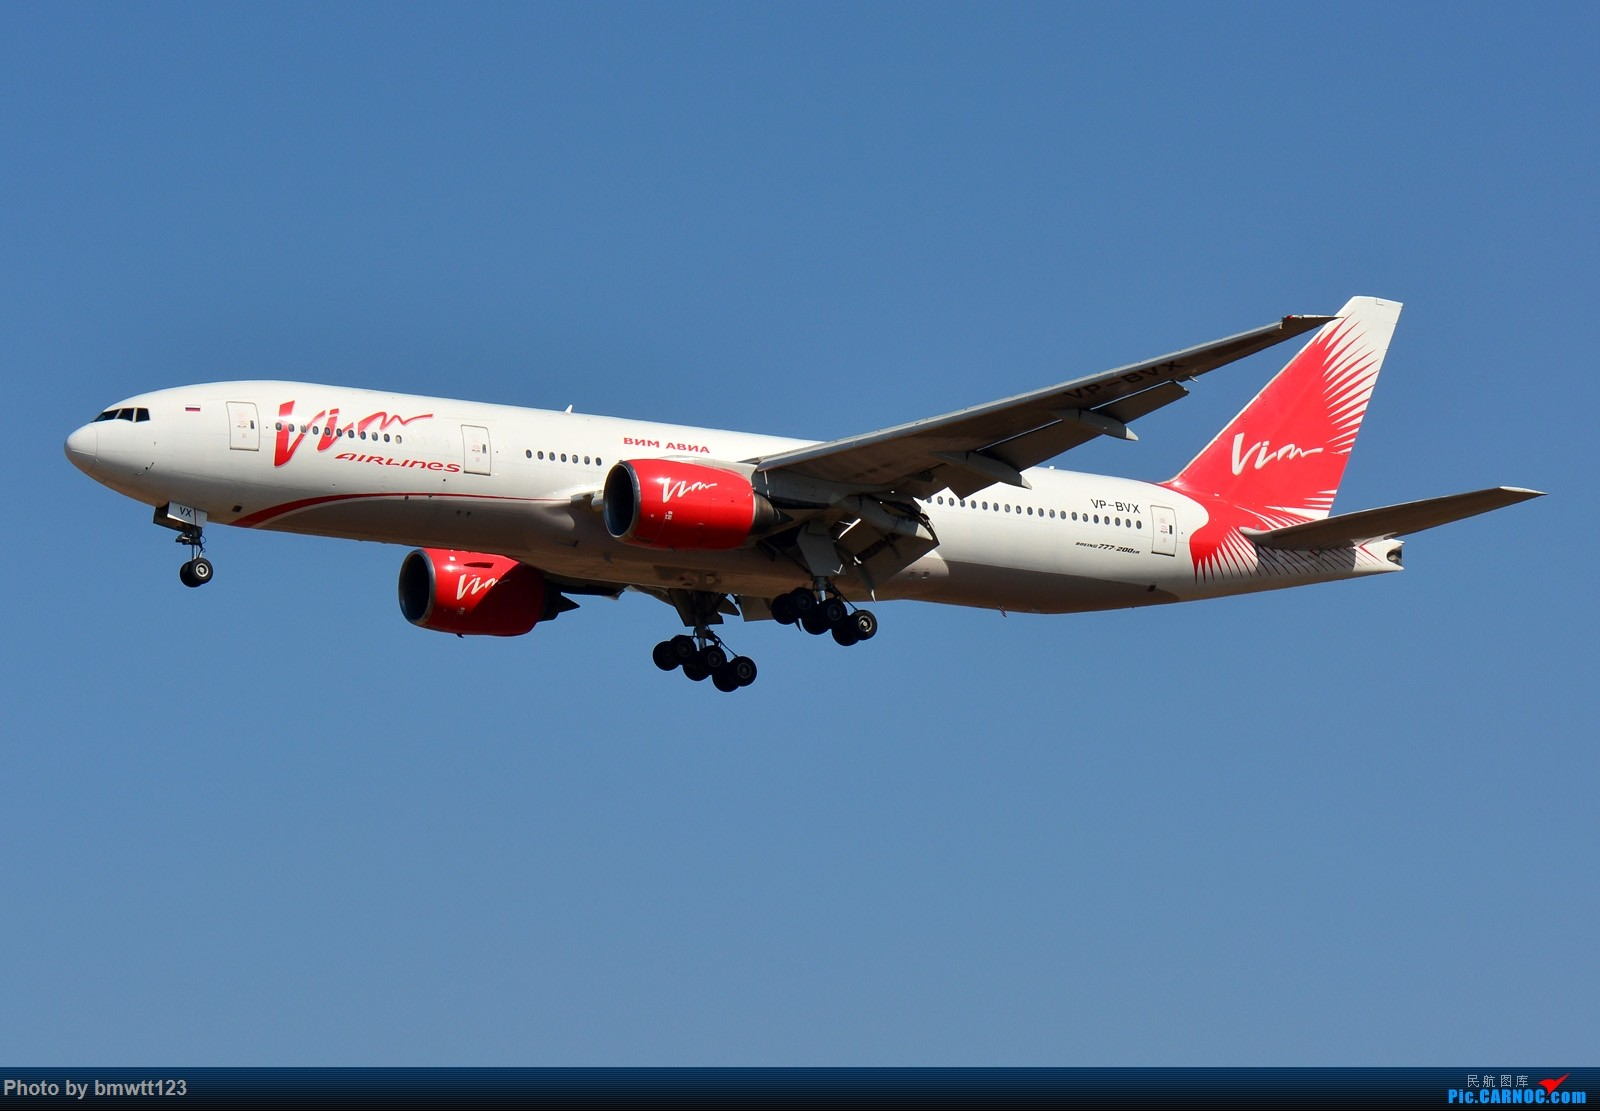 [原创]【SHE沈阳】威姆航空777-200ER降落桃仙机场,她来自遥远的莫斯科。 BOEING 777-200ER VP-BVX 中国沈阳桃仙国际机场